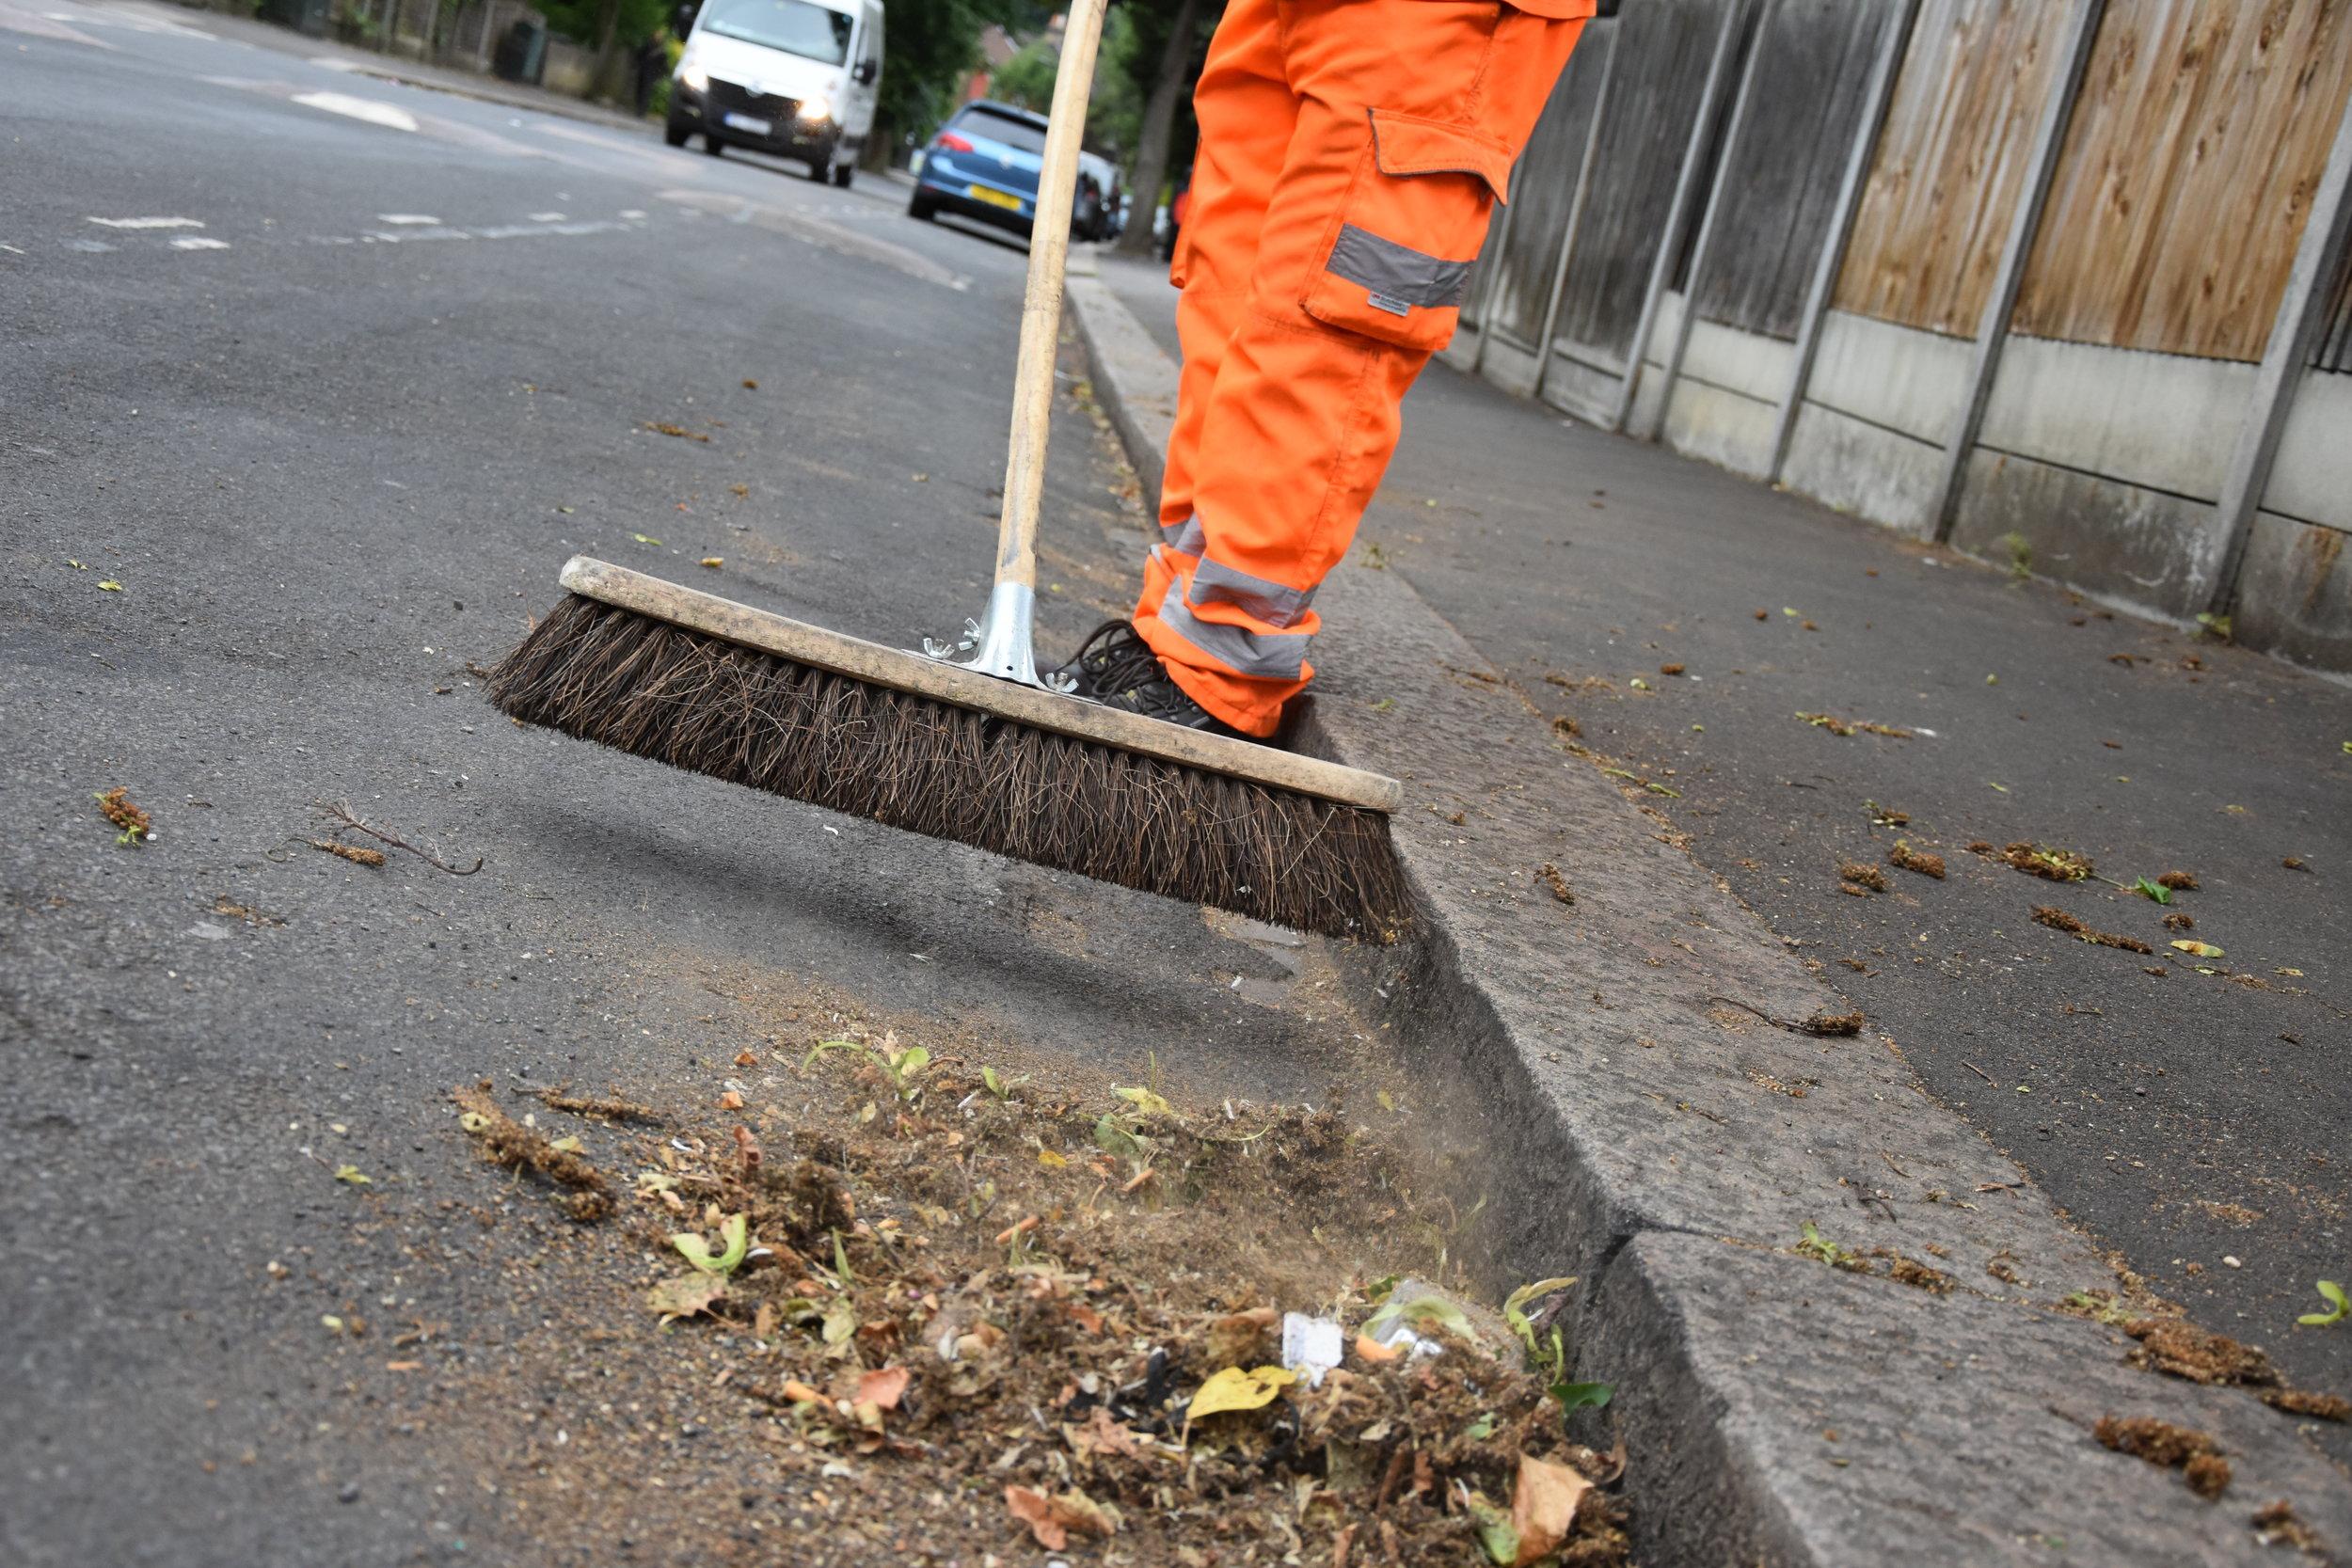 Urbaser Street Cleansing